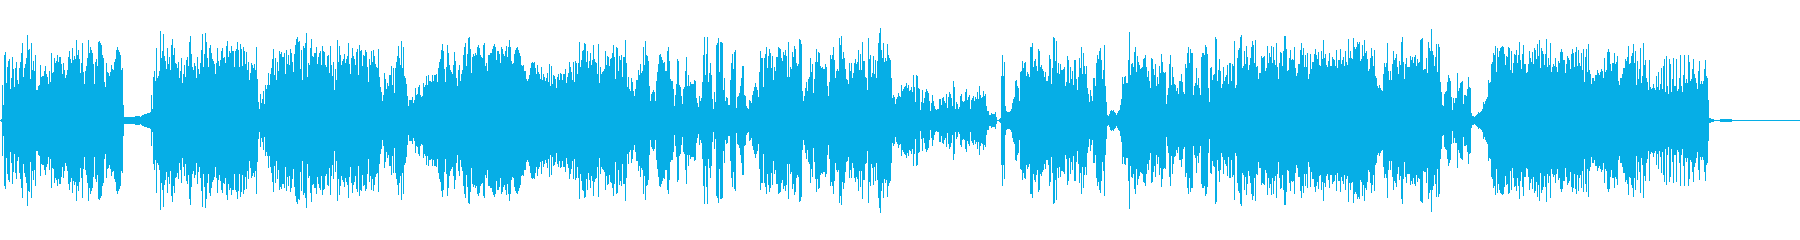 静的干渉スイープ7の再生済みの波形